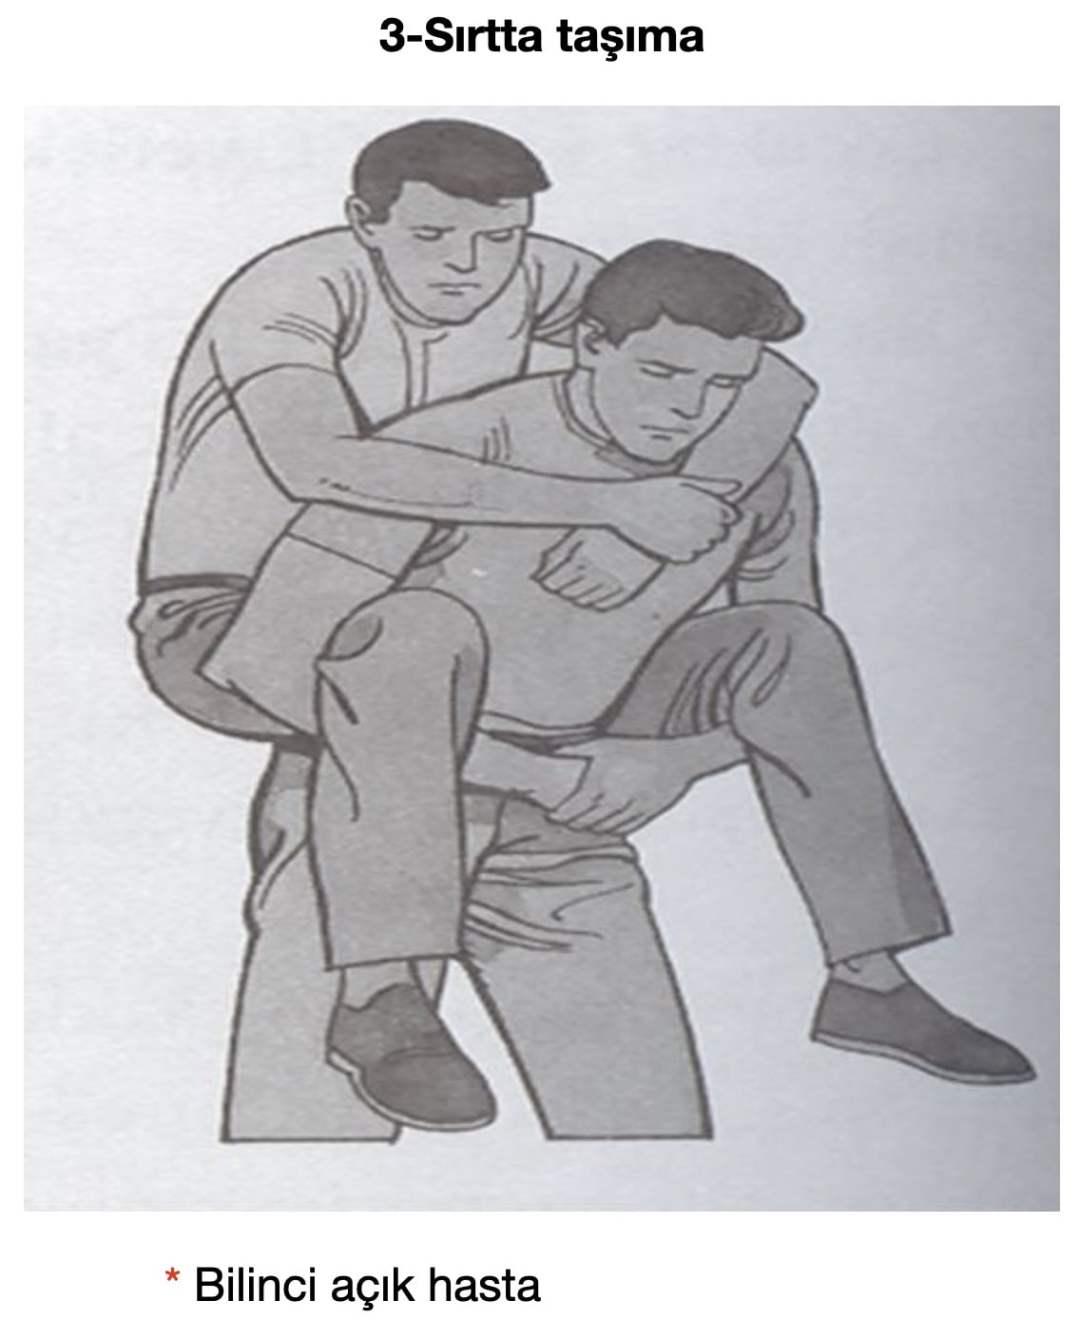 Sırtta taşıma